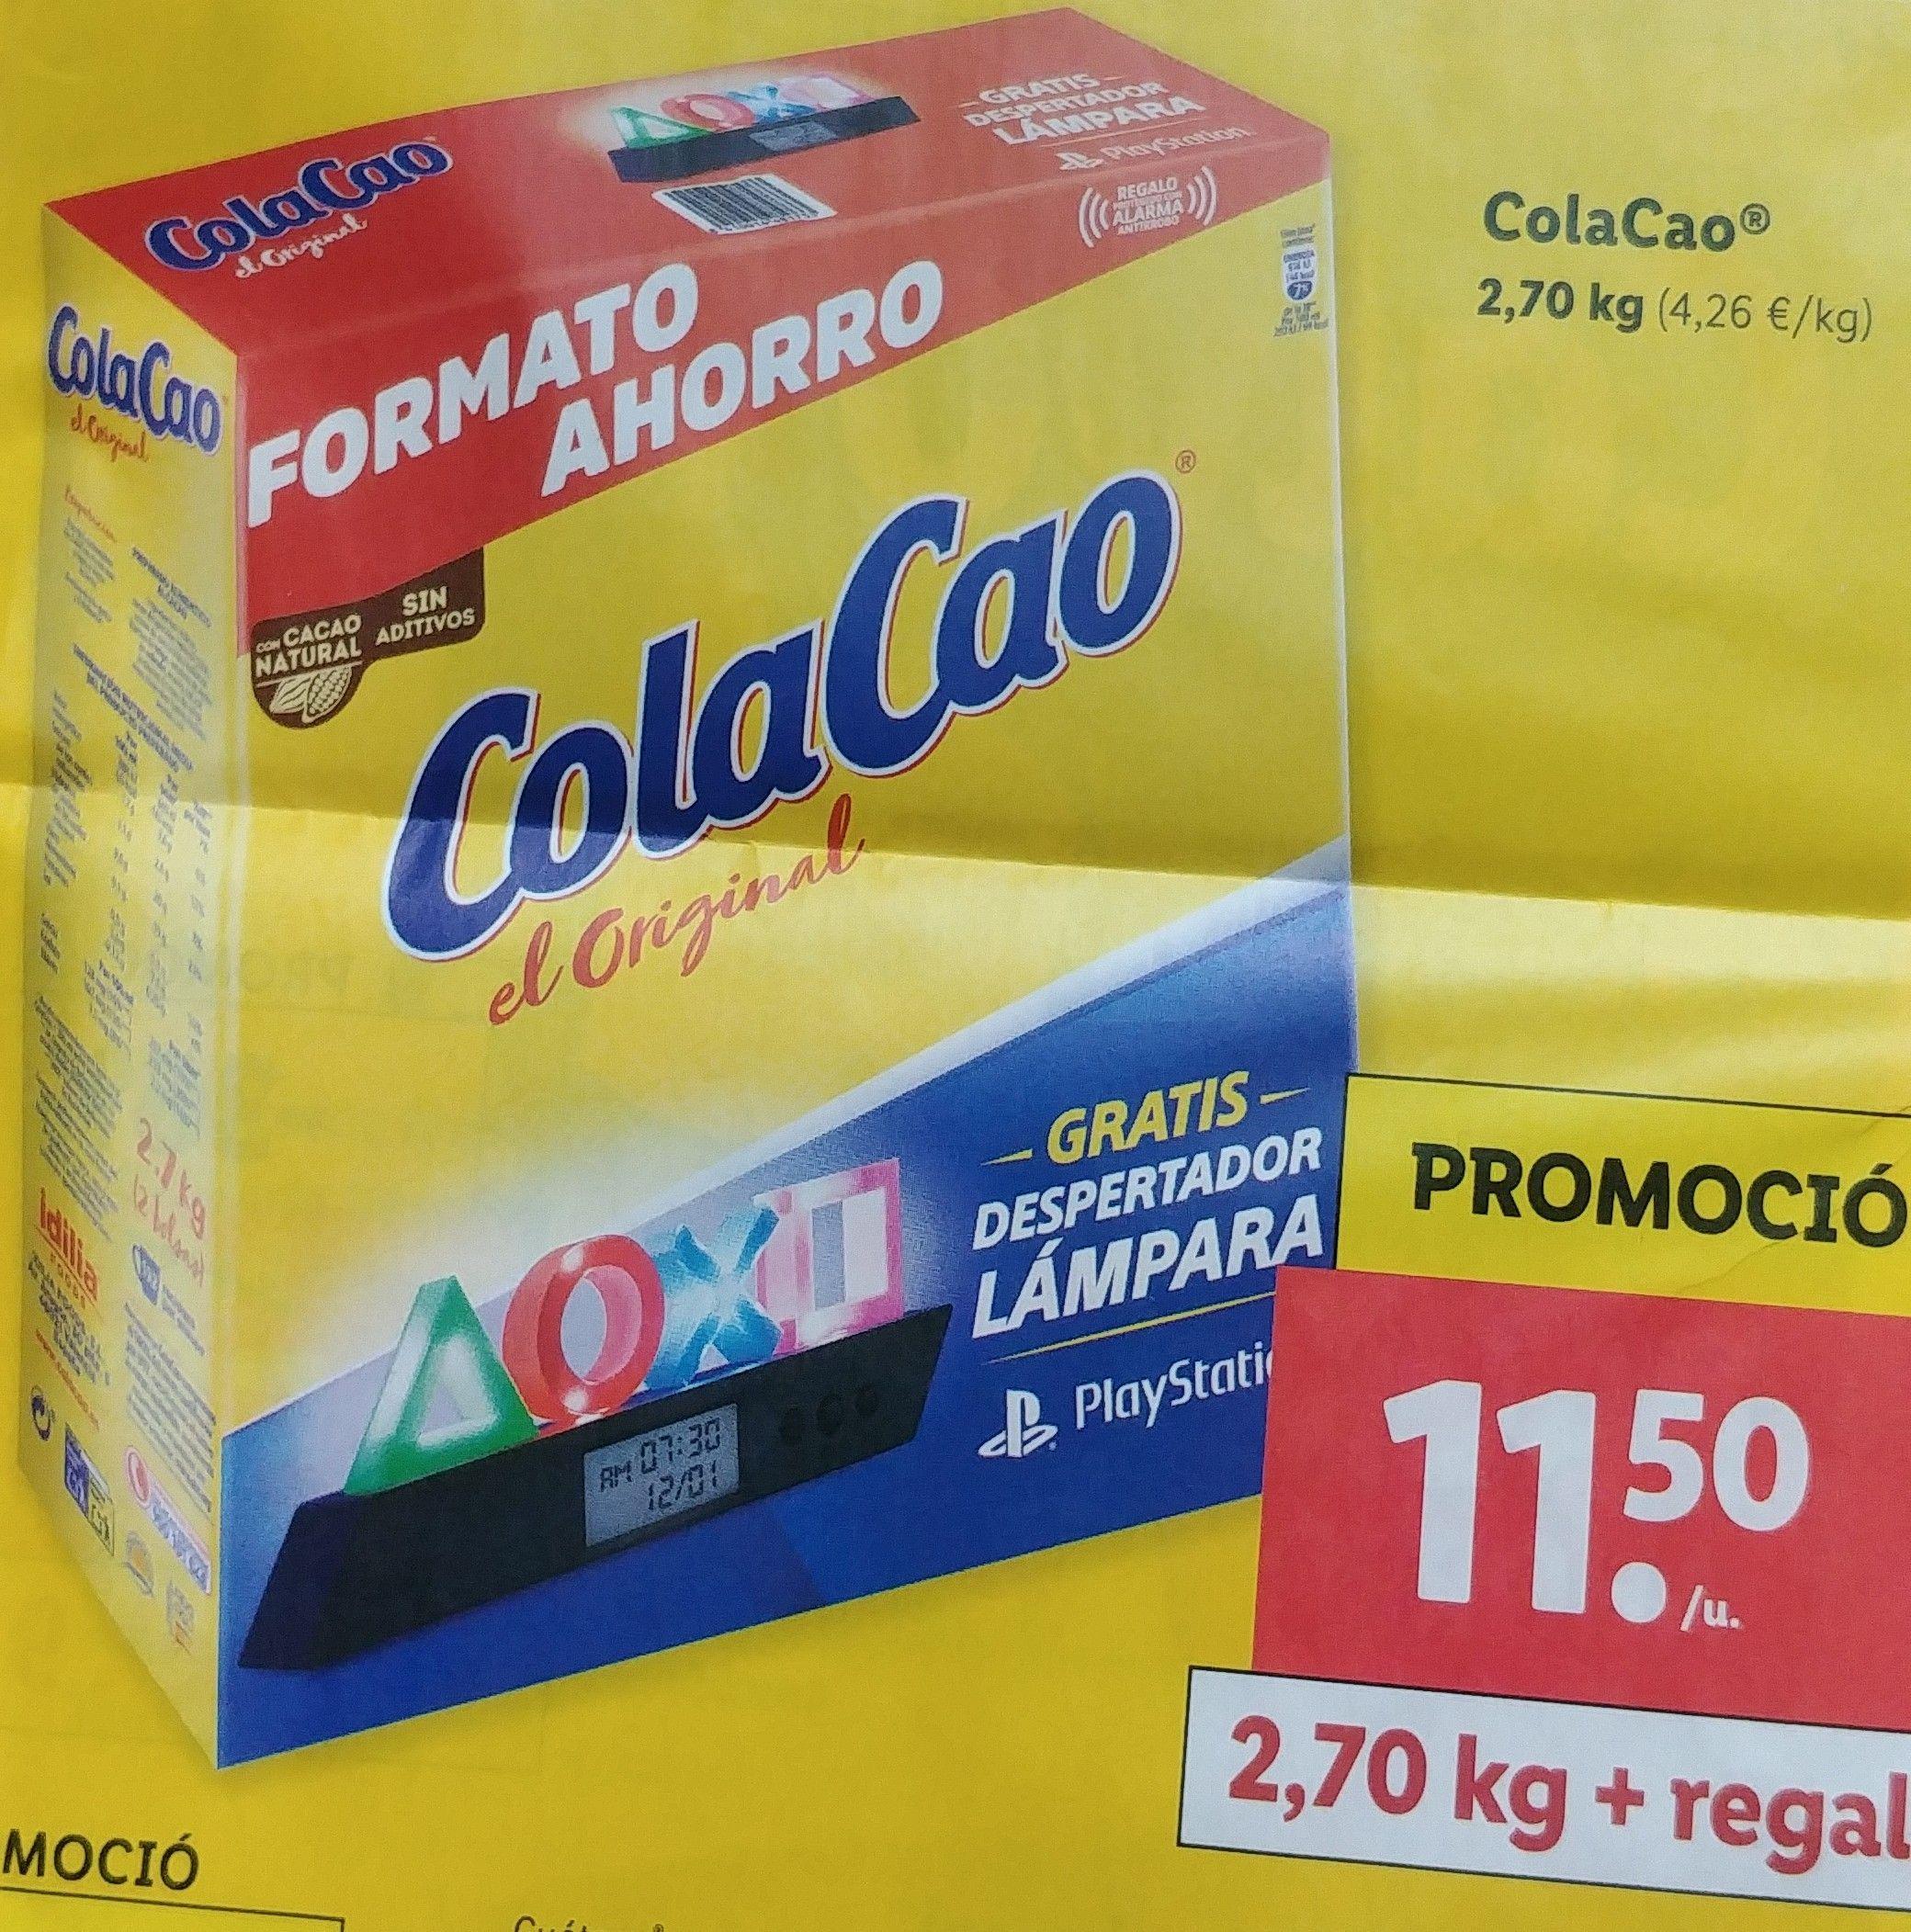 ColaCao + despertador/lampara PlayStation, a 11,5e en el Lidl